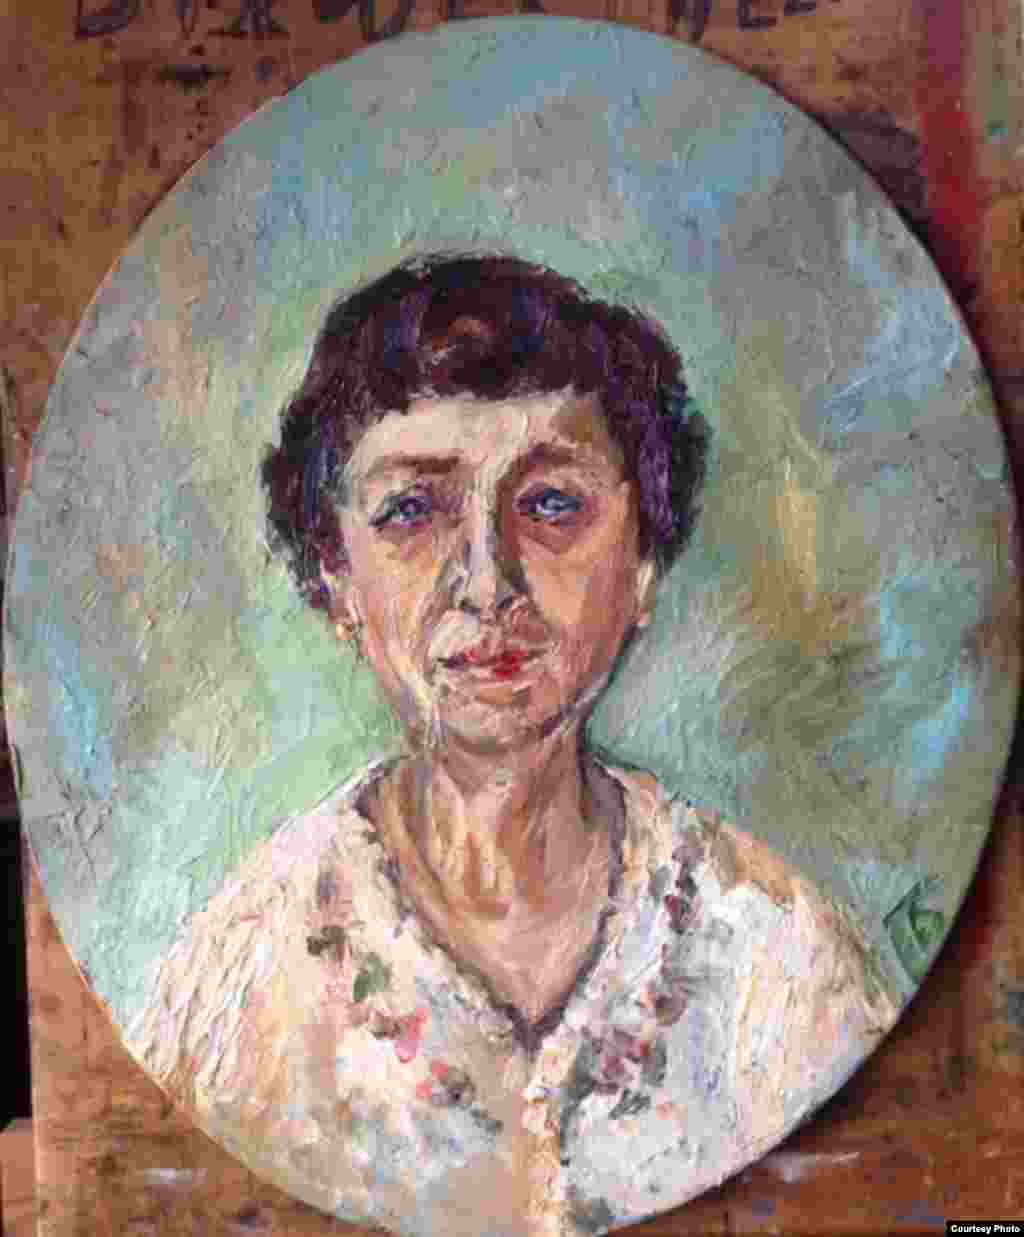 Лилия Андреевна Асланова (1939). Работала аудитором в Министерстве автотранспорта в Баку. Беженка. Армянка, а муж азербайджанец, дети сумели остаться на родине, а она боится возвращаться. В постоянной депрессии. Грустная и несчастная